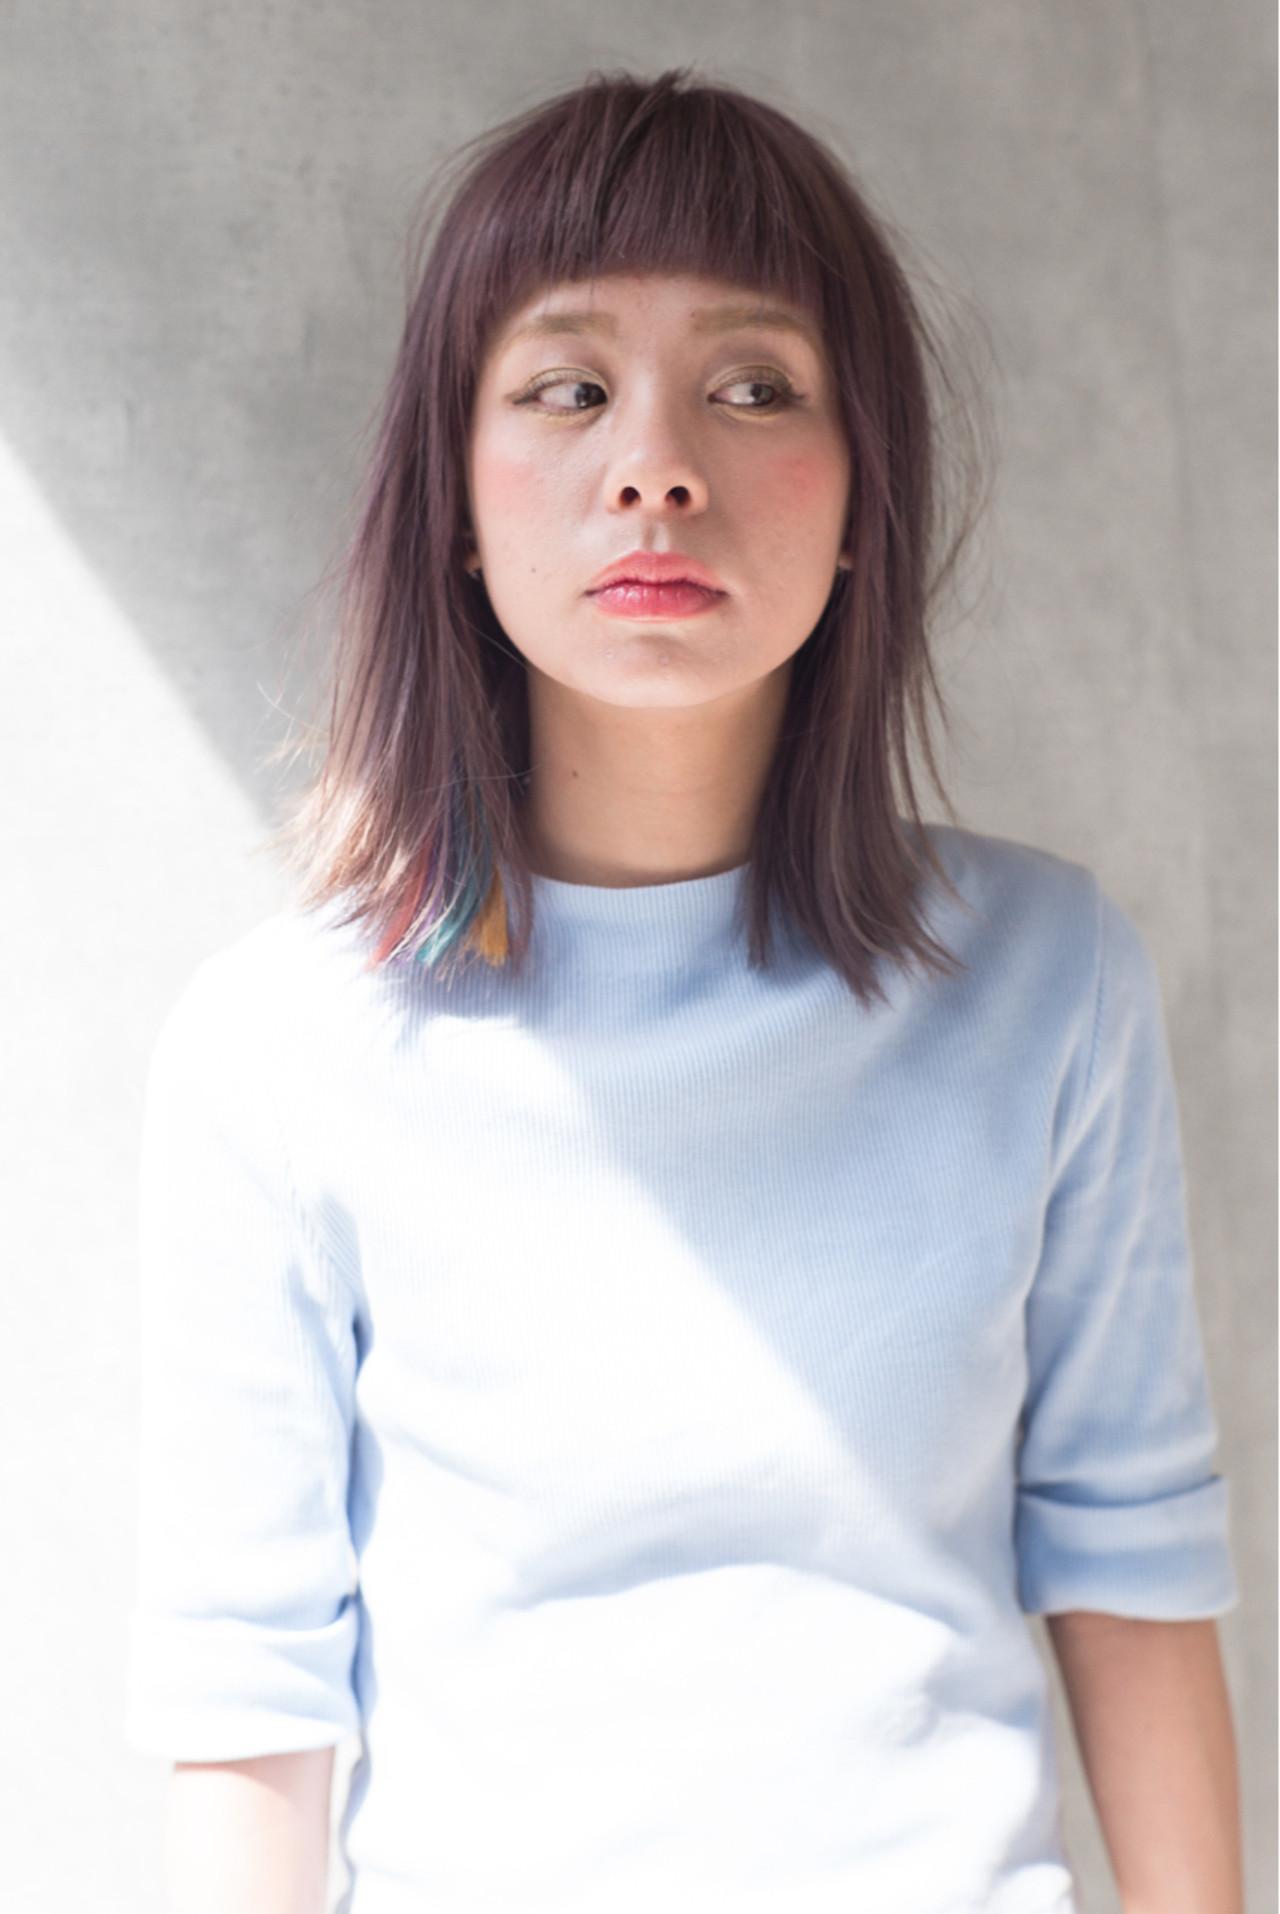 ナチュラル アッシュ インナーカラー フリンジバング ヘアスタイルや髪型の写真・画像 | 白井雄喜 / FERIA心斎橋